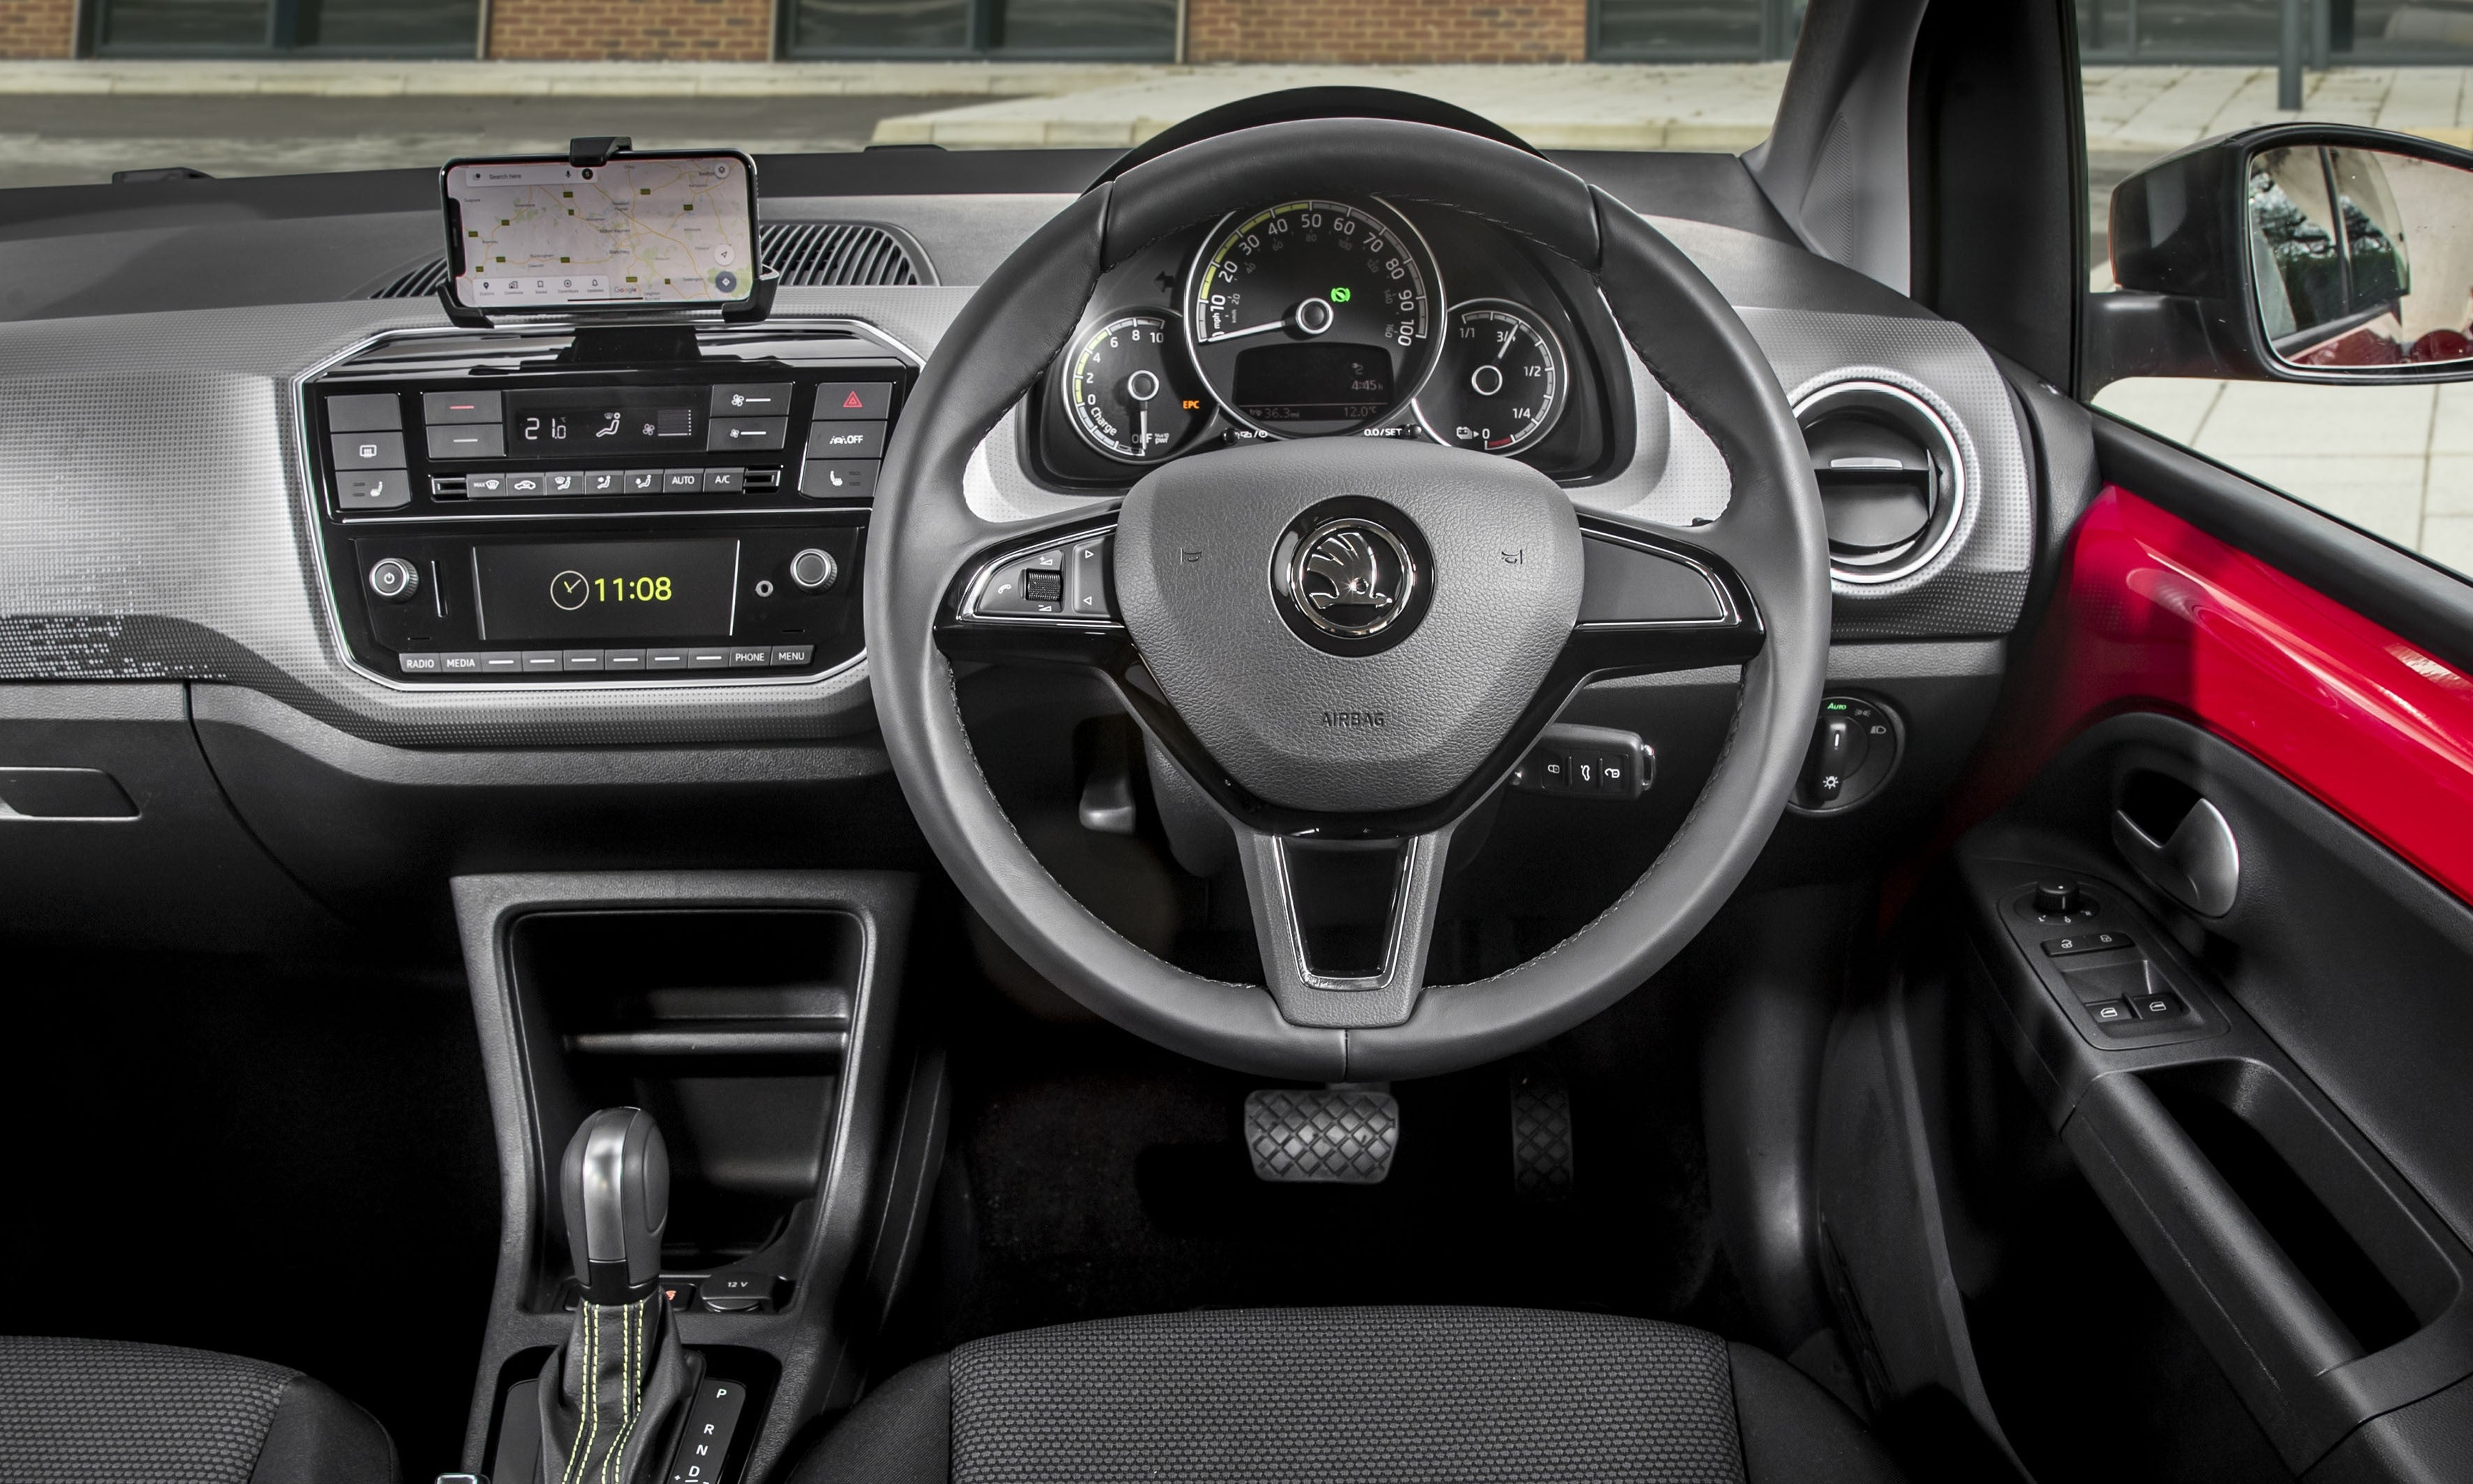 Skoda Citigo e-iV Driver's Seat